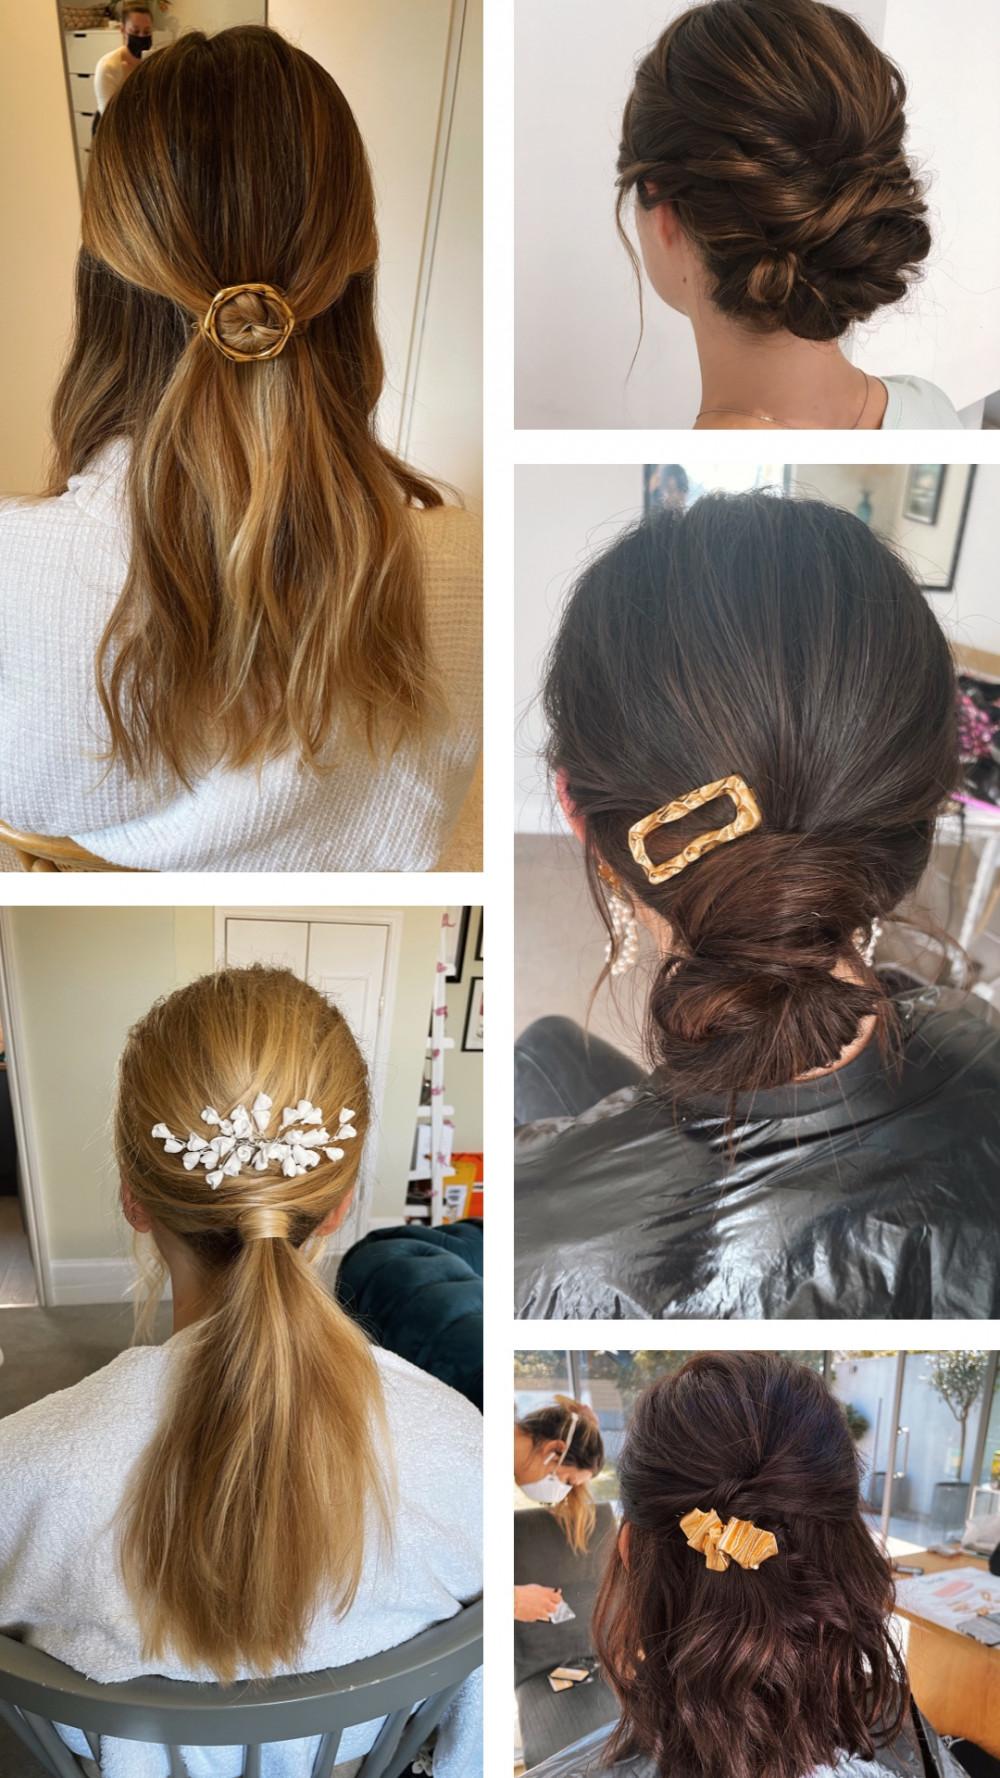 Collage of hairstyles. - Make Me Bridal Artist: Quelle Bester. #halfuphair #modernhair #upstyle #hairup